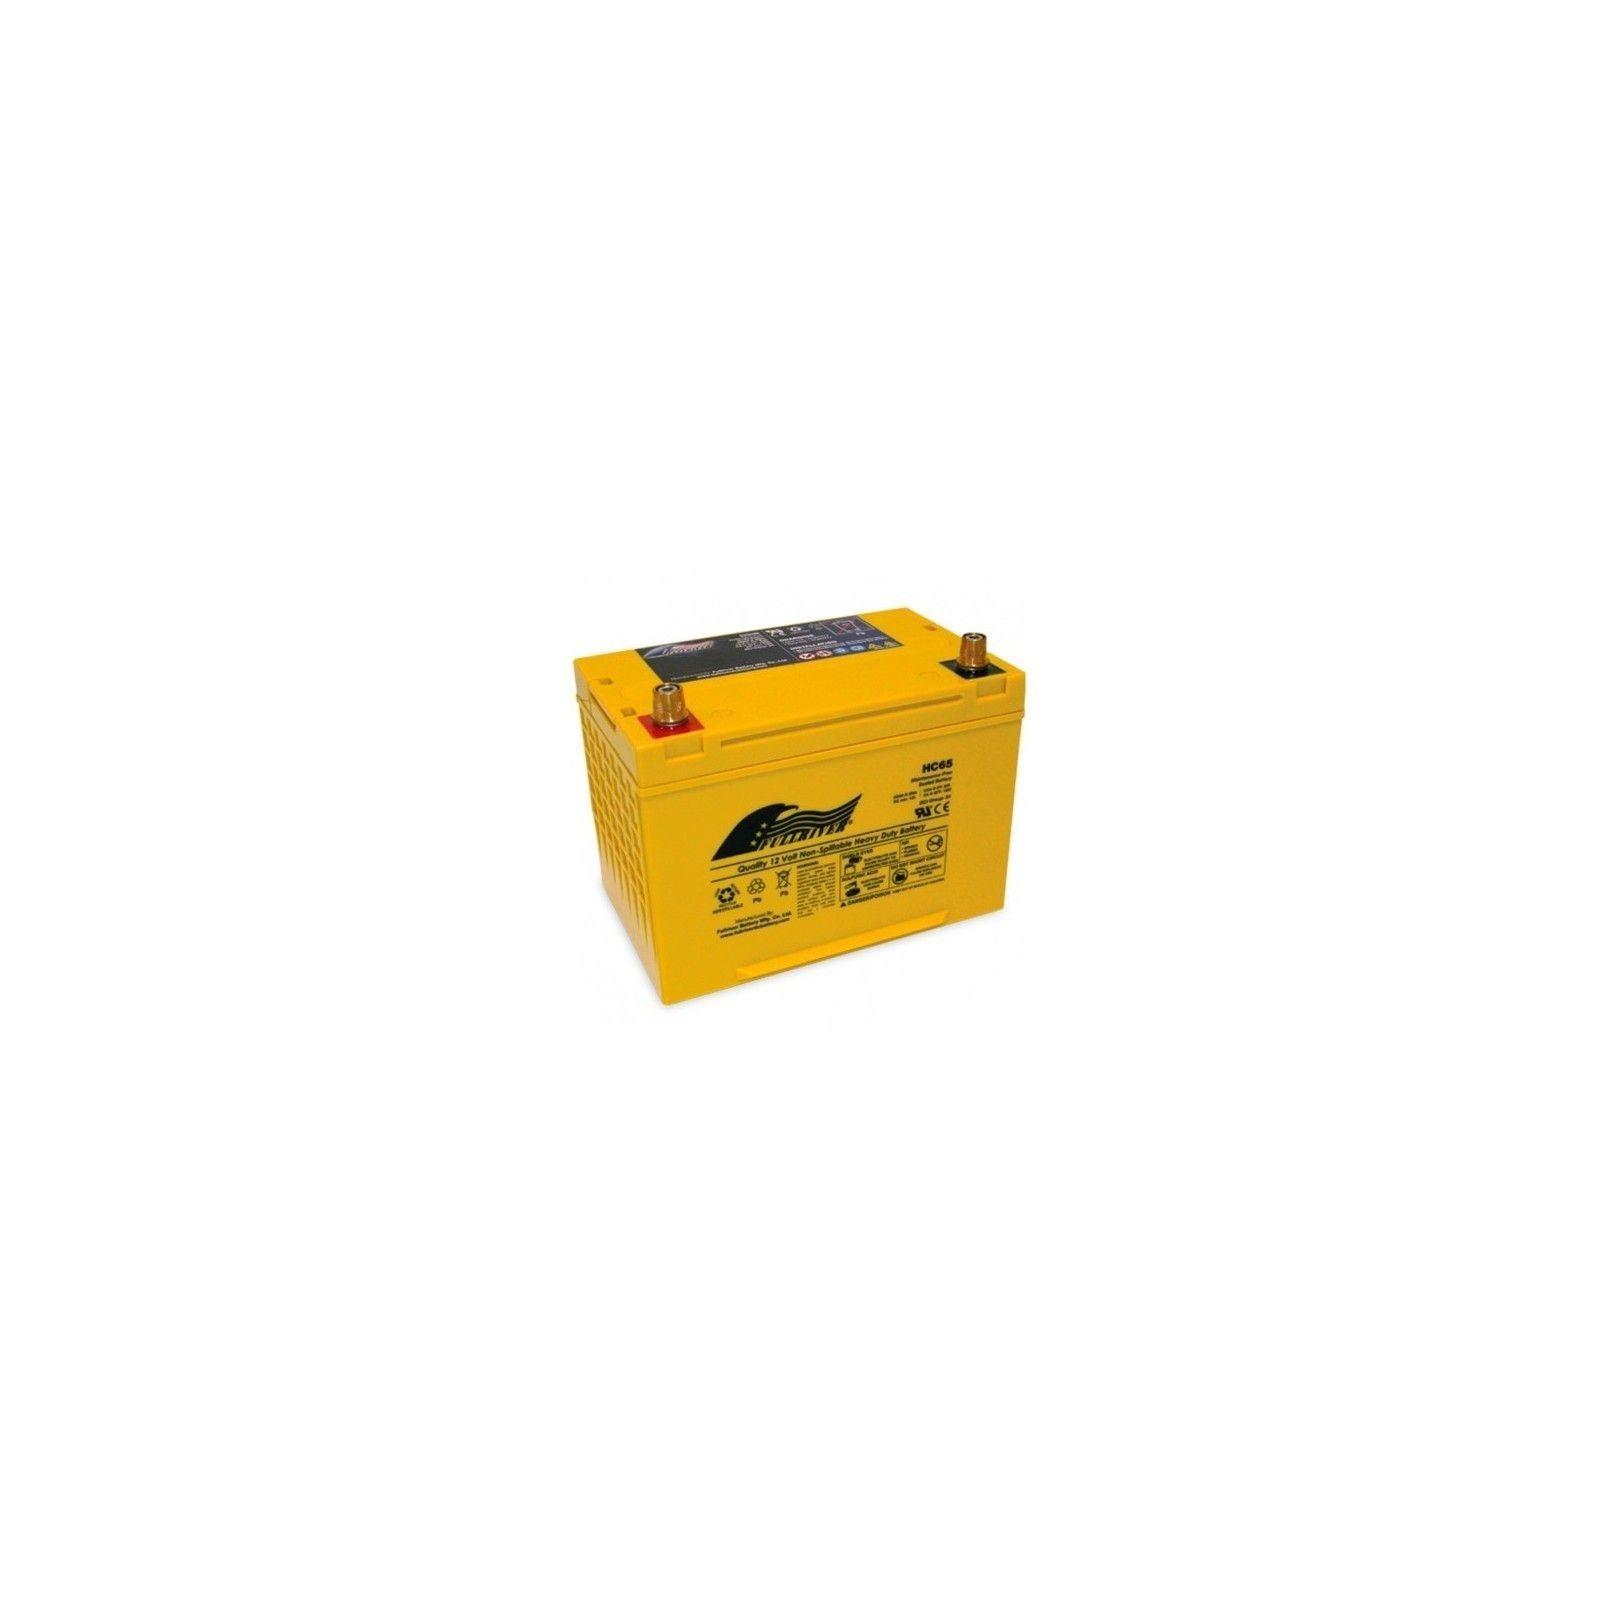 Batería Fullriver HC65 65Ah 825A 12V Hc FULLRIVER - 1